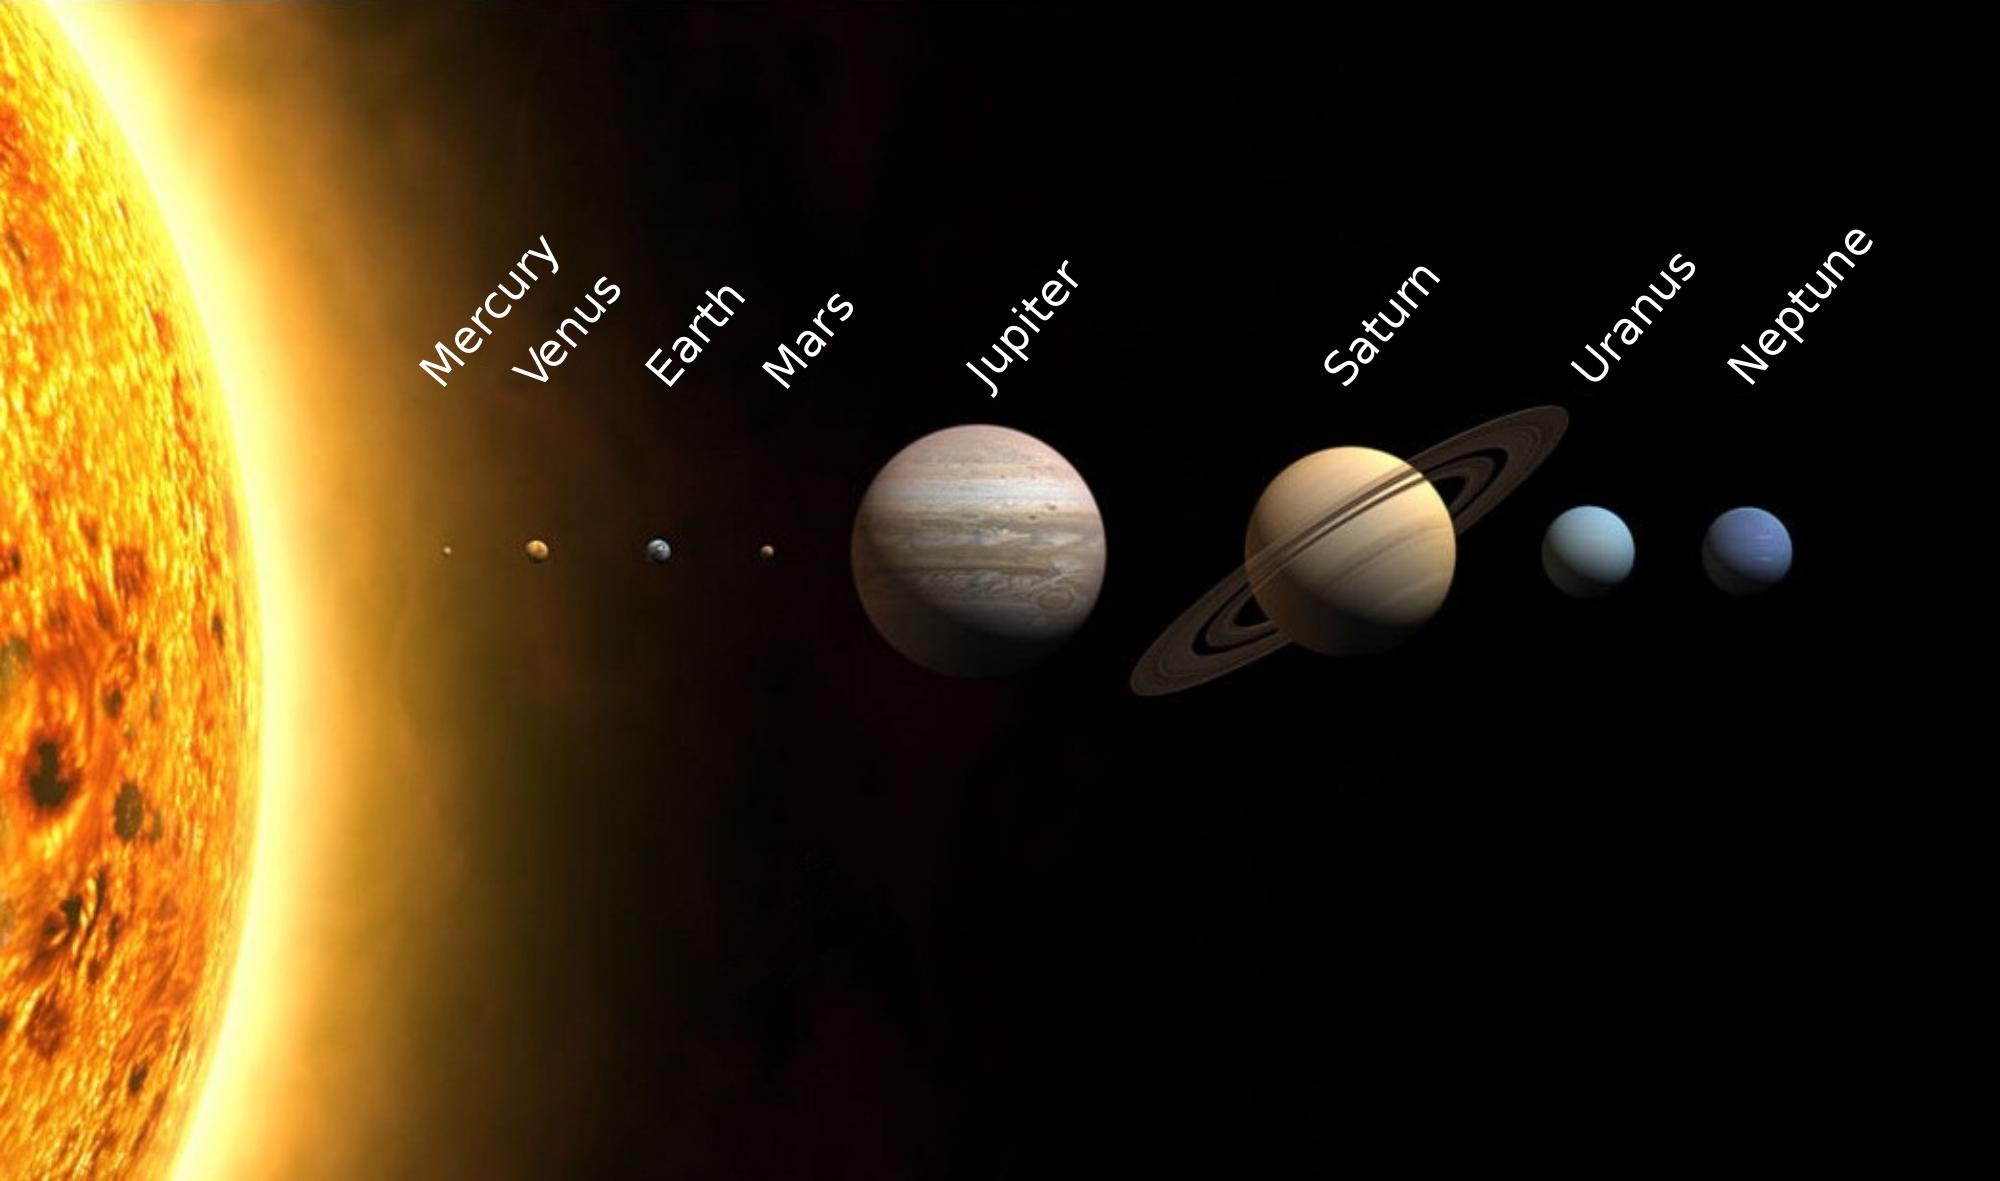 جهان و پیرامون خود را بیشتر بشناسیم : بخش ۱ ، منظومهٔ شمسی